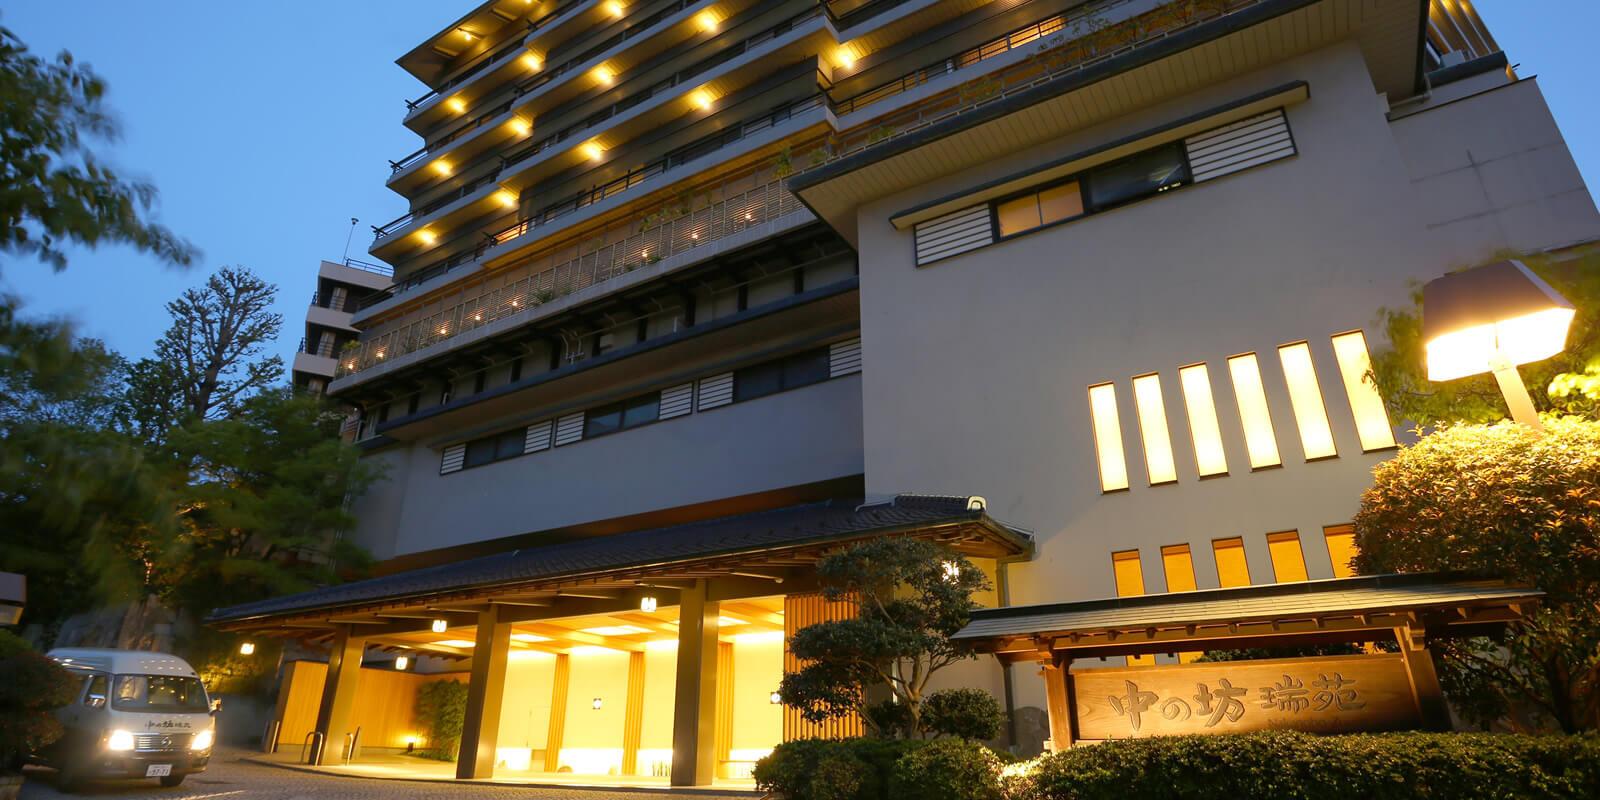 En séjournant dans une ville aussi rare que pratique qu'Arima Onsen, vous pourrez découvrir la culture thermale du Japon.